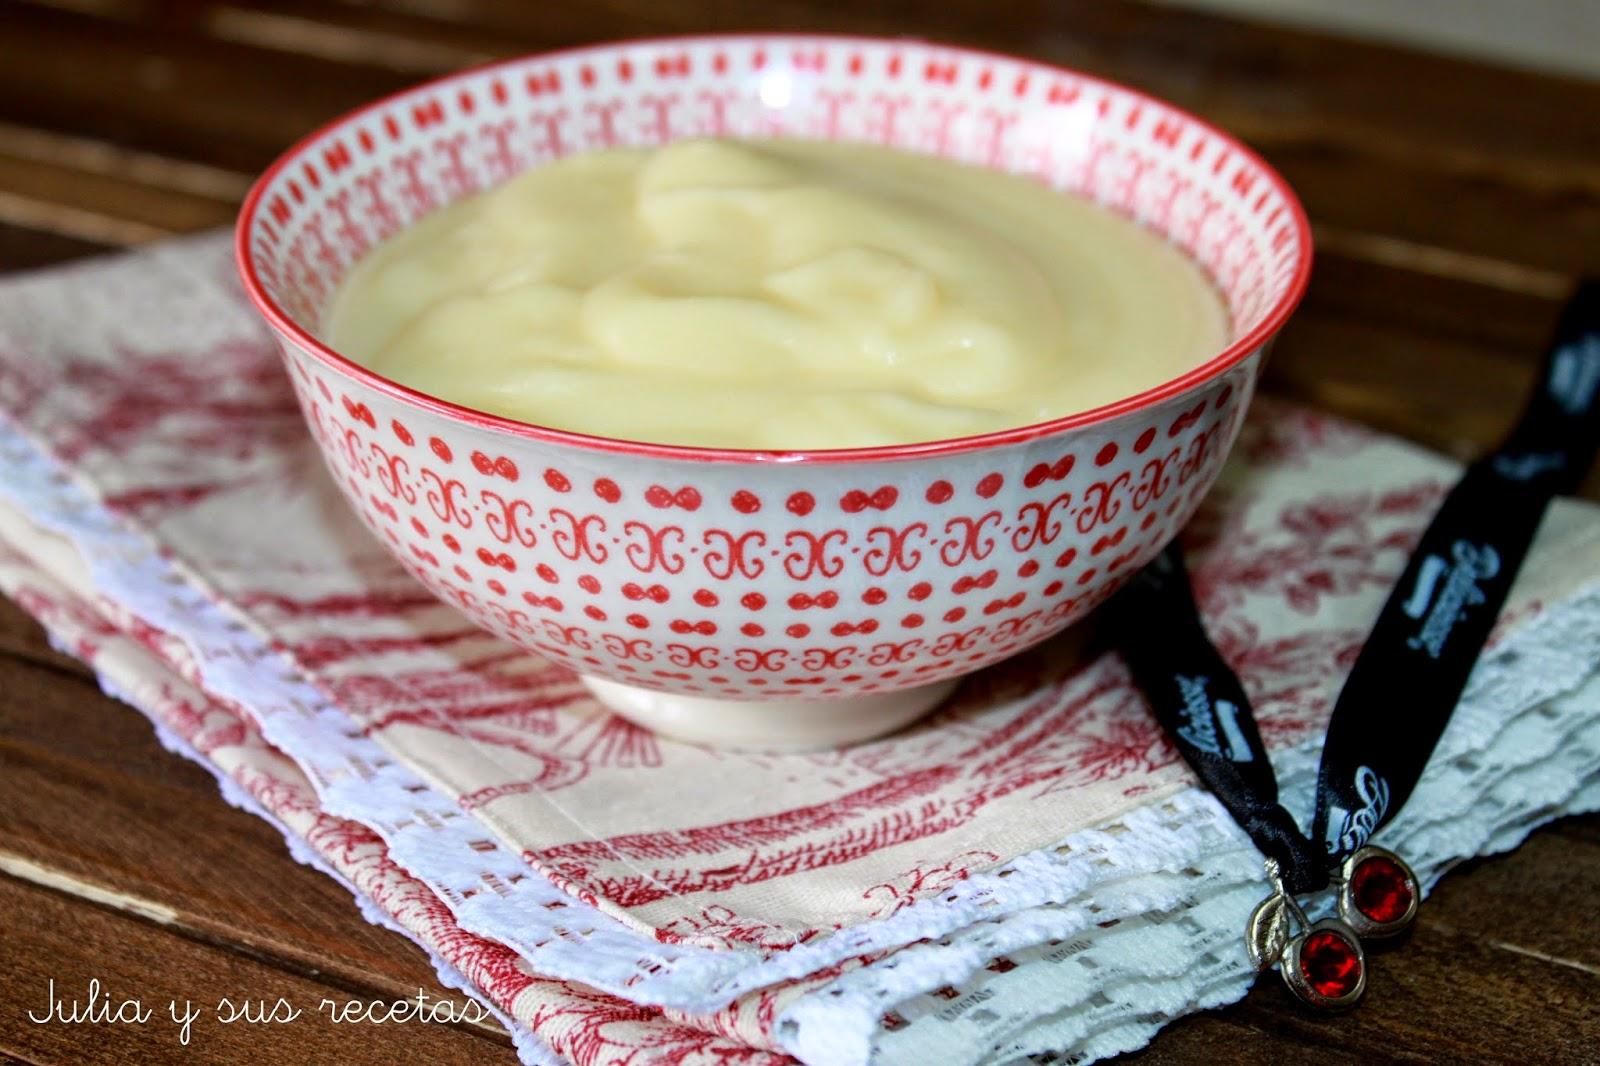 Crema pastelera. Julia y sus recetas